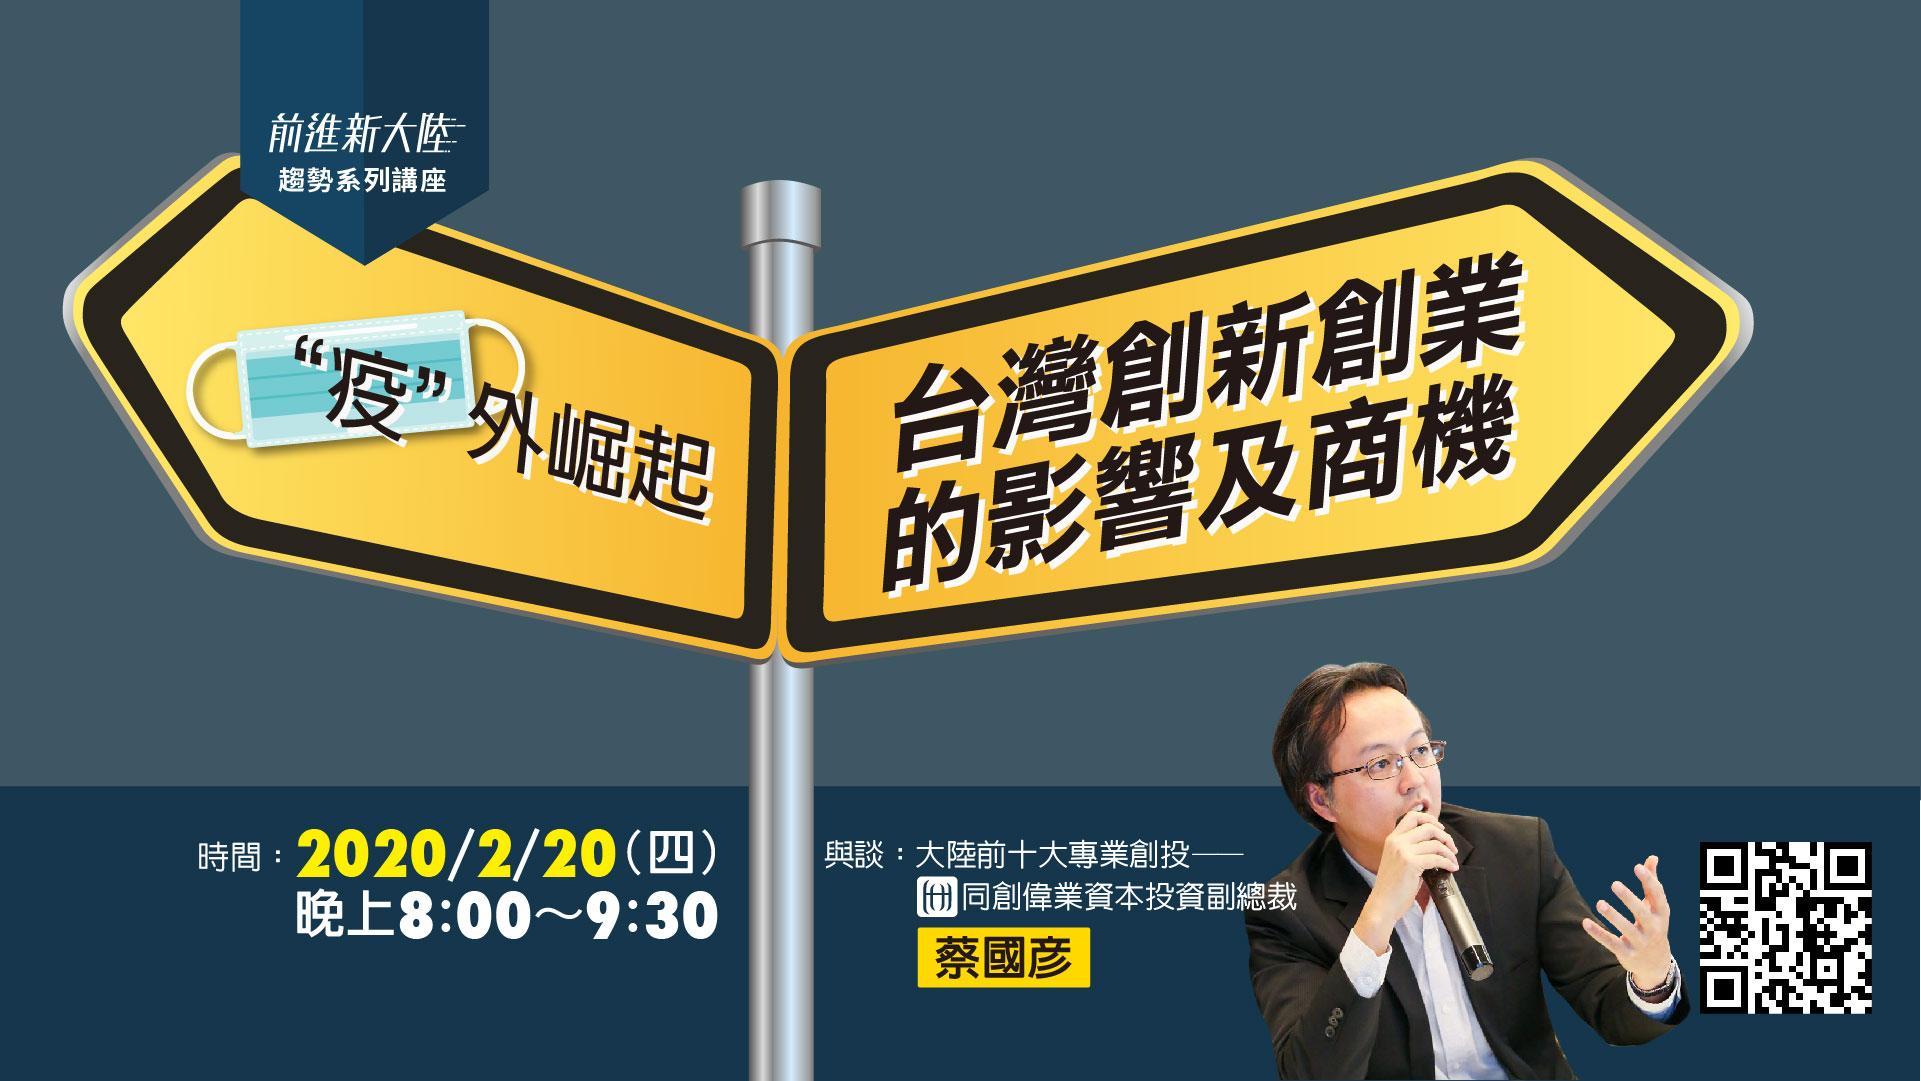 國際創投如何看?疫情中台灣創新創業的影響與商機